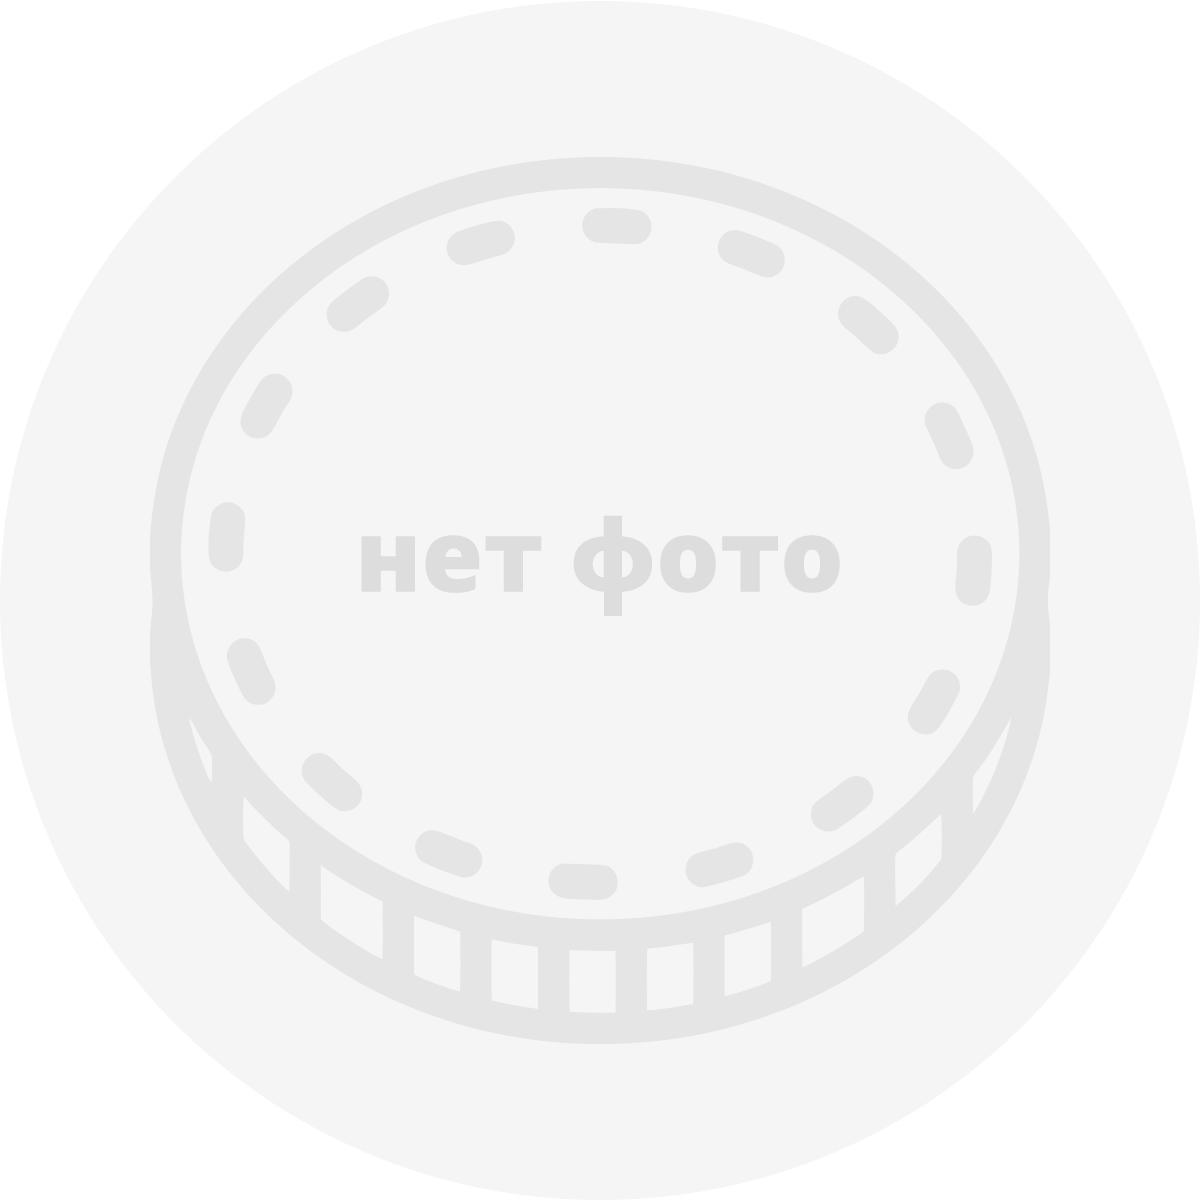 Немецкие Антарктические Территории, 2 марки (2015 г.)